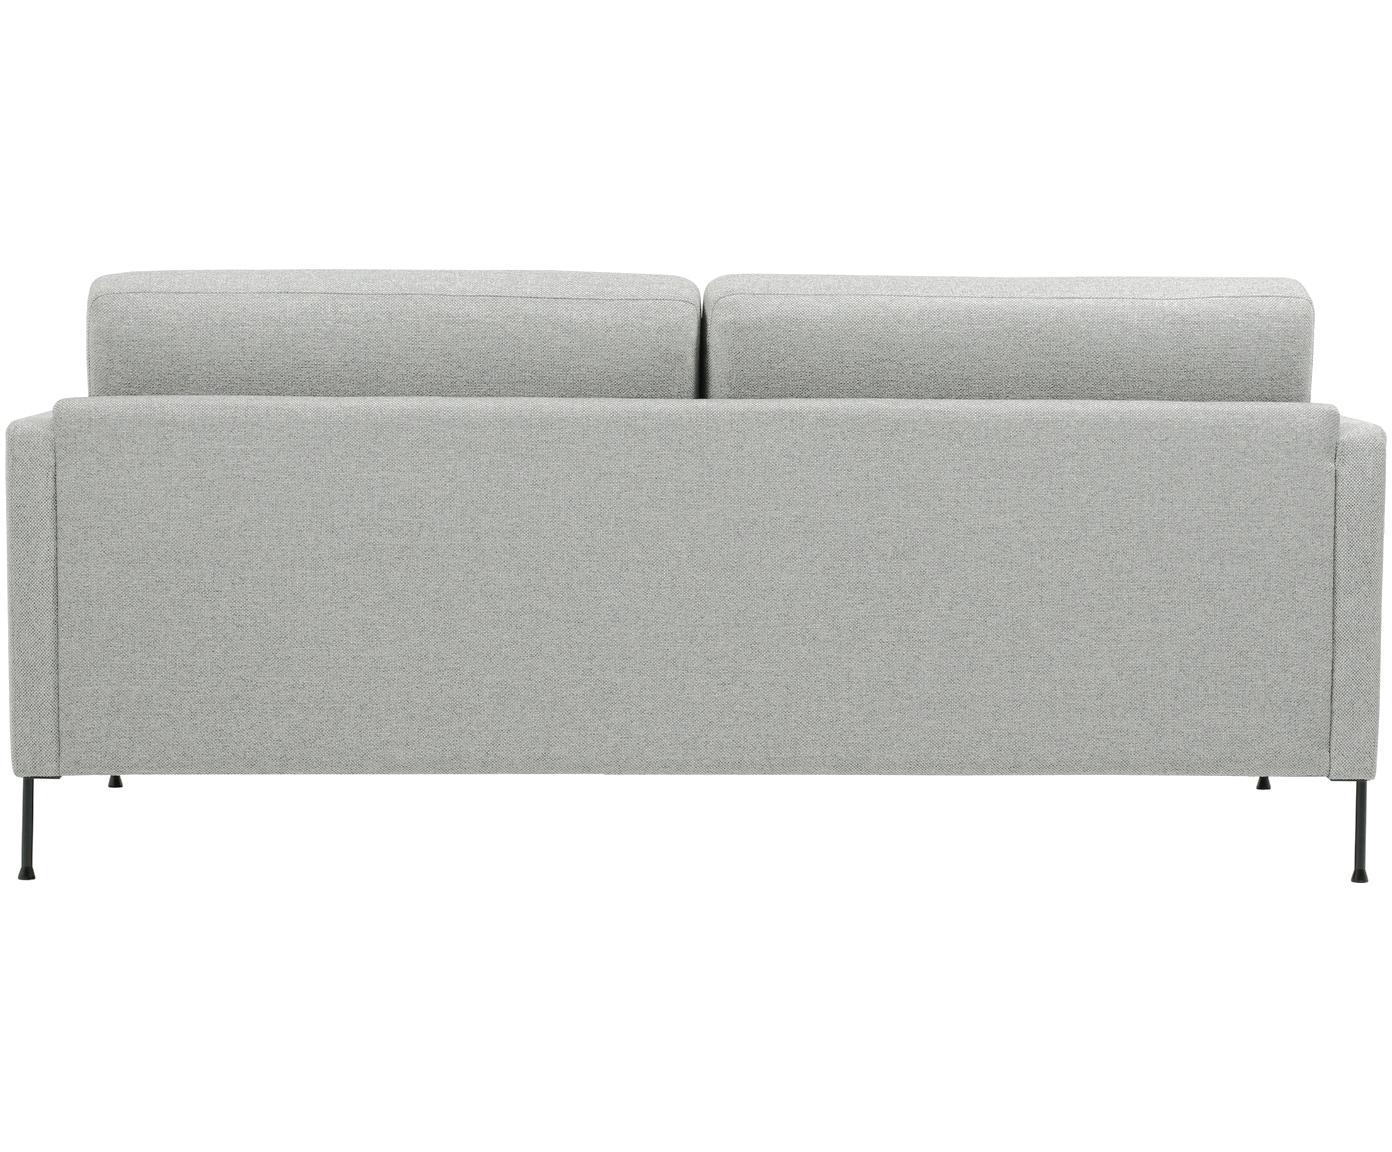 Sofa Fluente (3-osobowa), Tapicerka: poliester Tkanina o wysok, Stelaż: lite drewno sosnowe, Nogi: metal lakierowany, Jasny szary, S 197 x W 85 cm